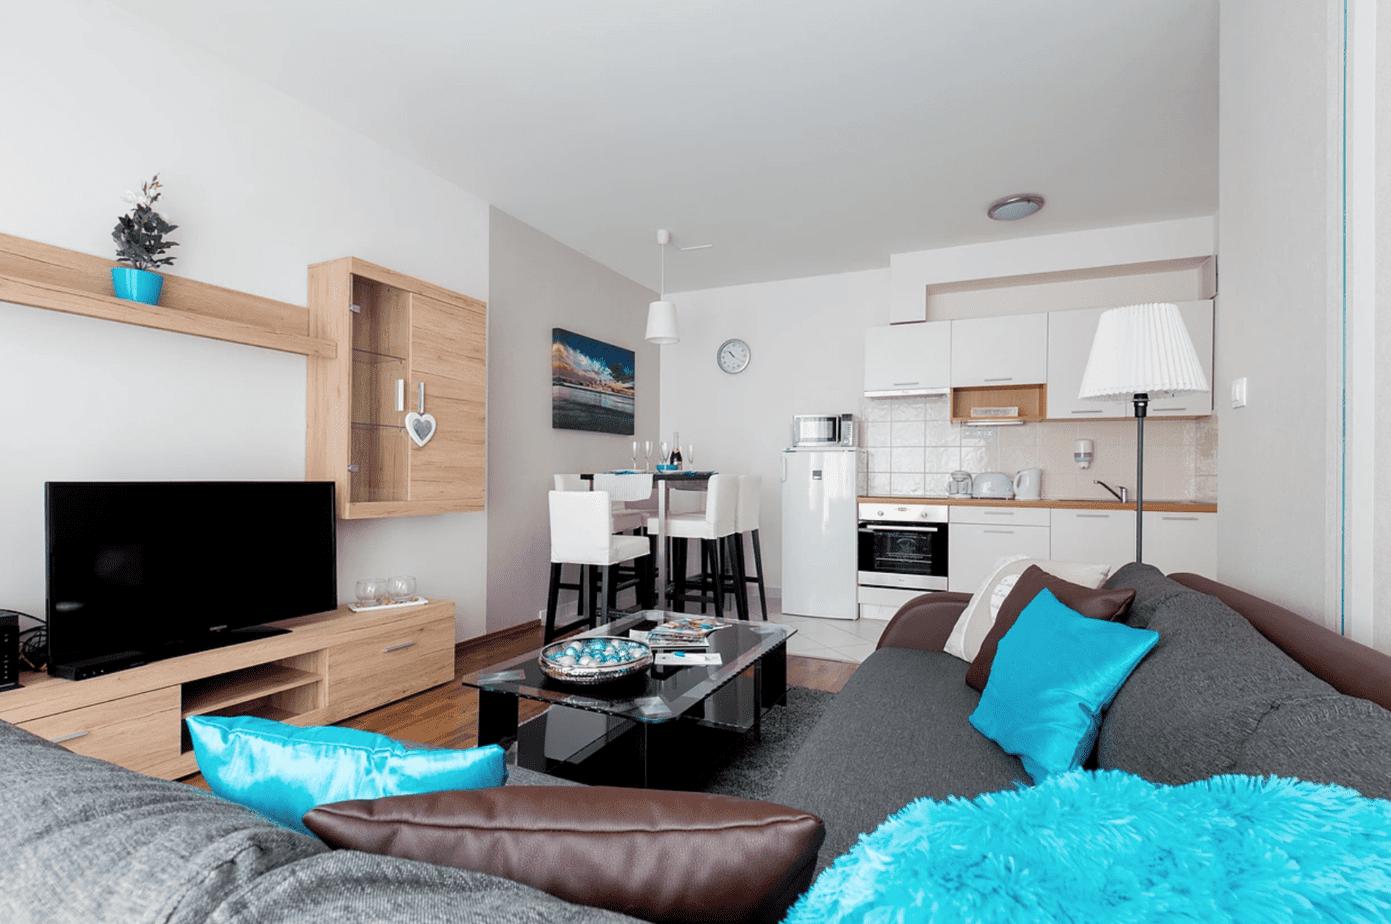 מלון דירות בבודפשט למשפחות - Sun Resort Apartments